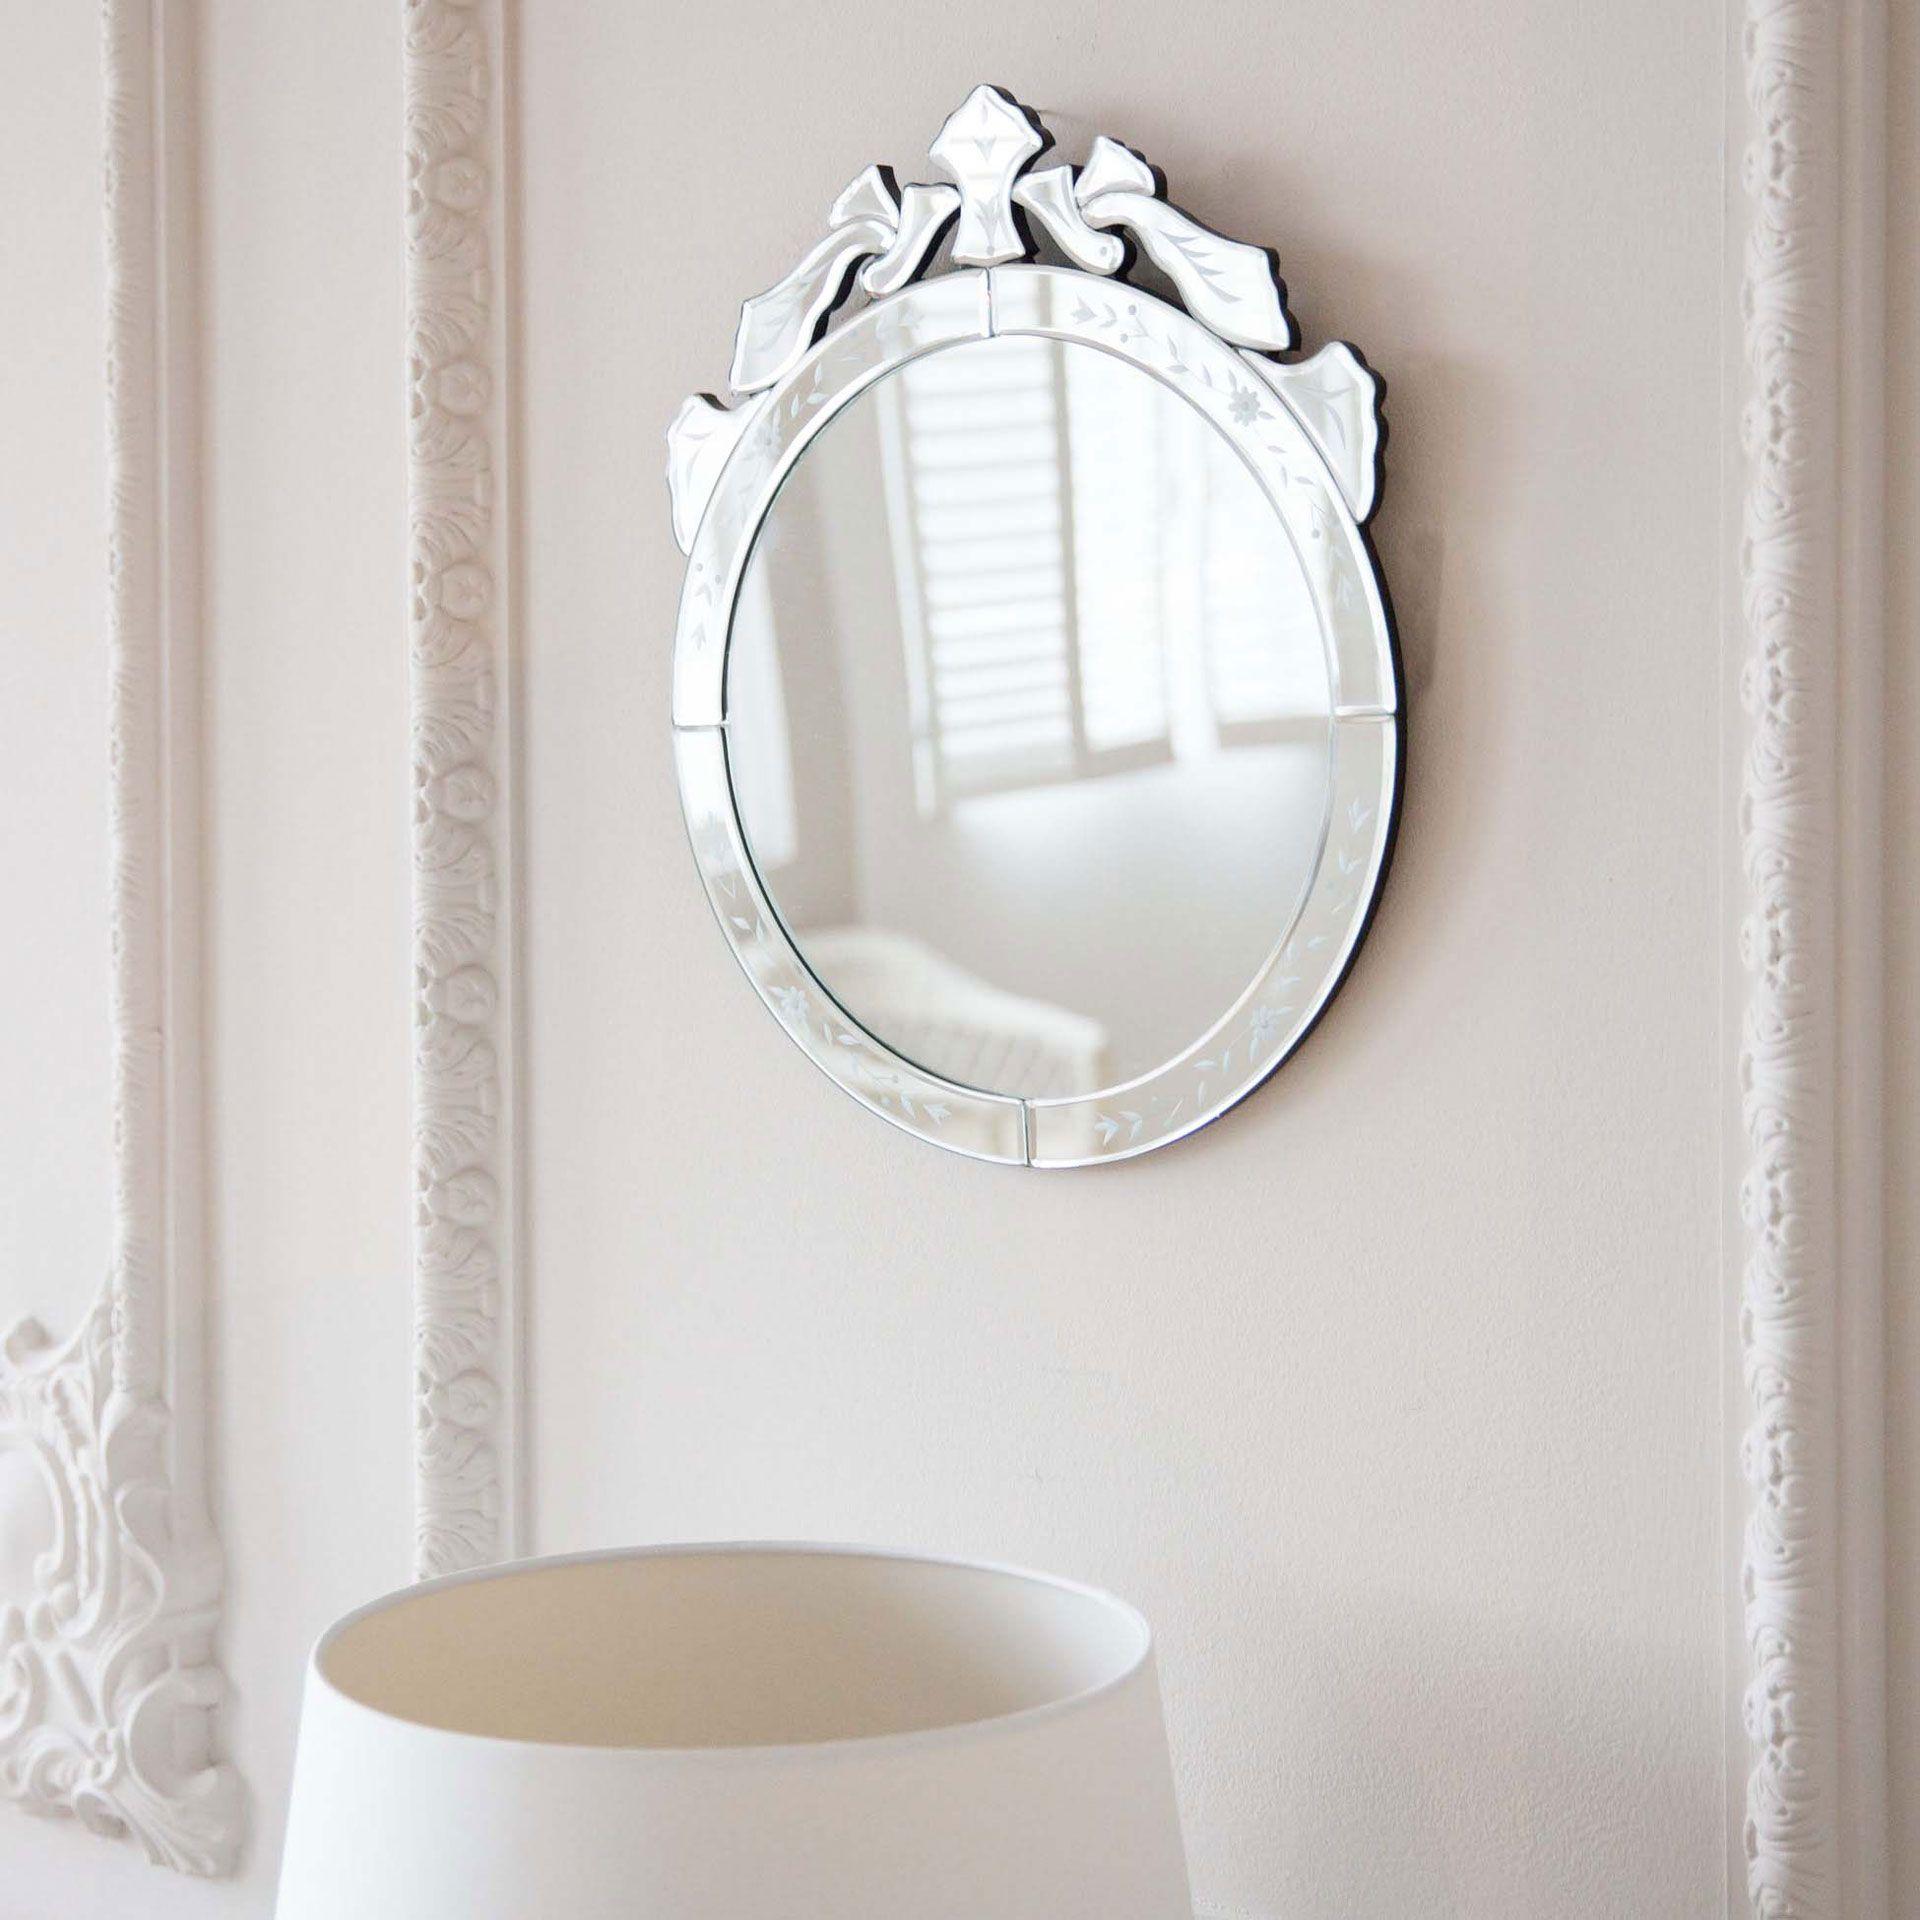 ovaler spiegel spiegel dekoration zara home deutschland window shopping pinterest. Black Bedroom Furniture Sets. Home Design Ideas